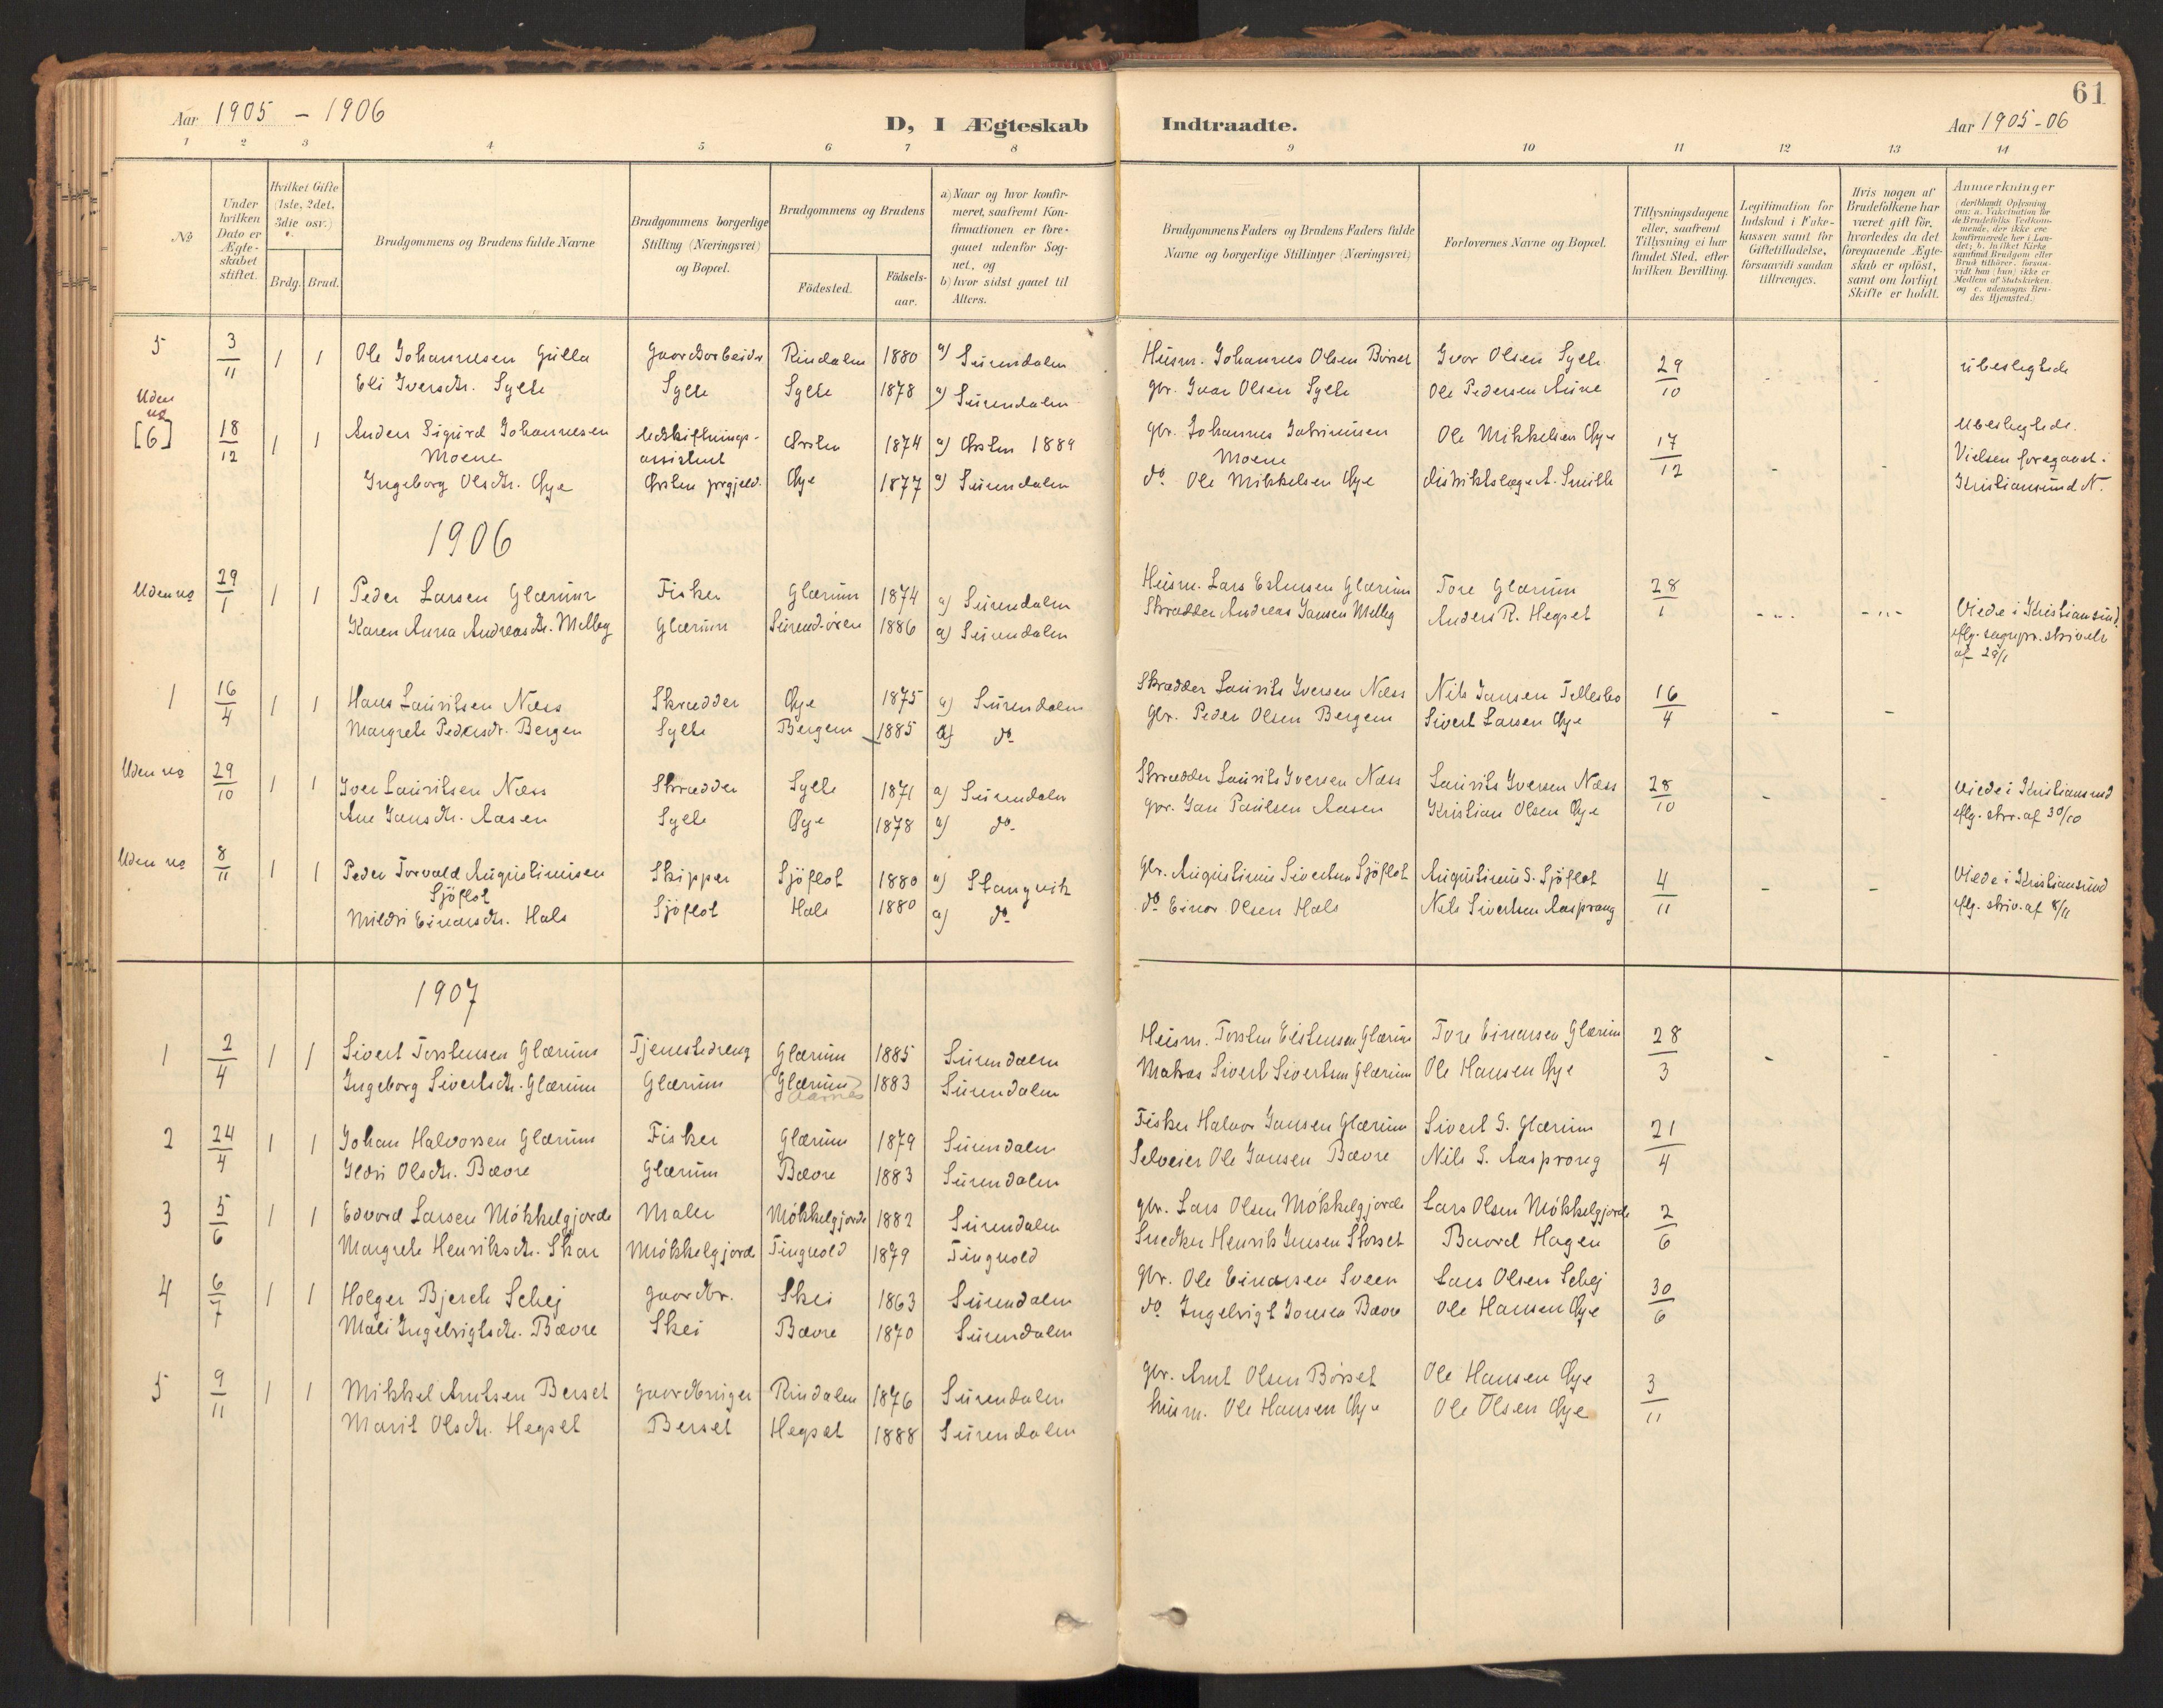 SAT, Ministerialprotokoller, klokkerbøker og fødselsregistre - Møre og Romsdal, 595/L1048: Ministerialbok nr. 595A10, 1900-1917, s. 61